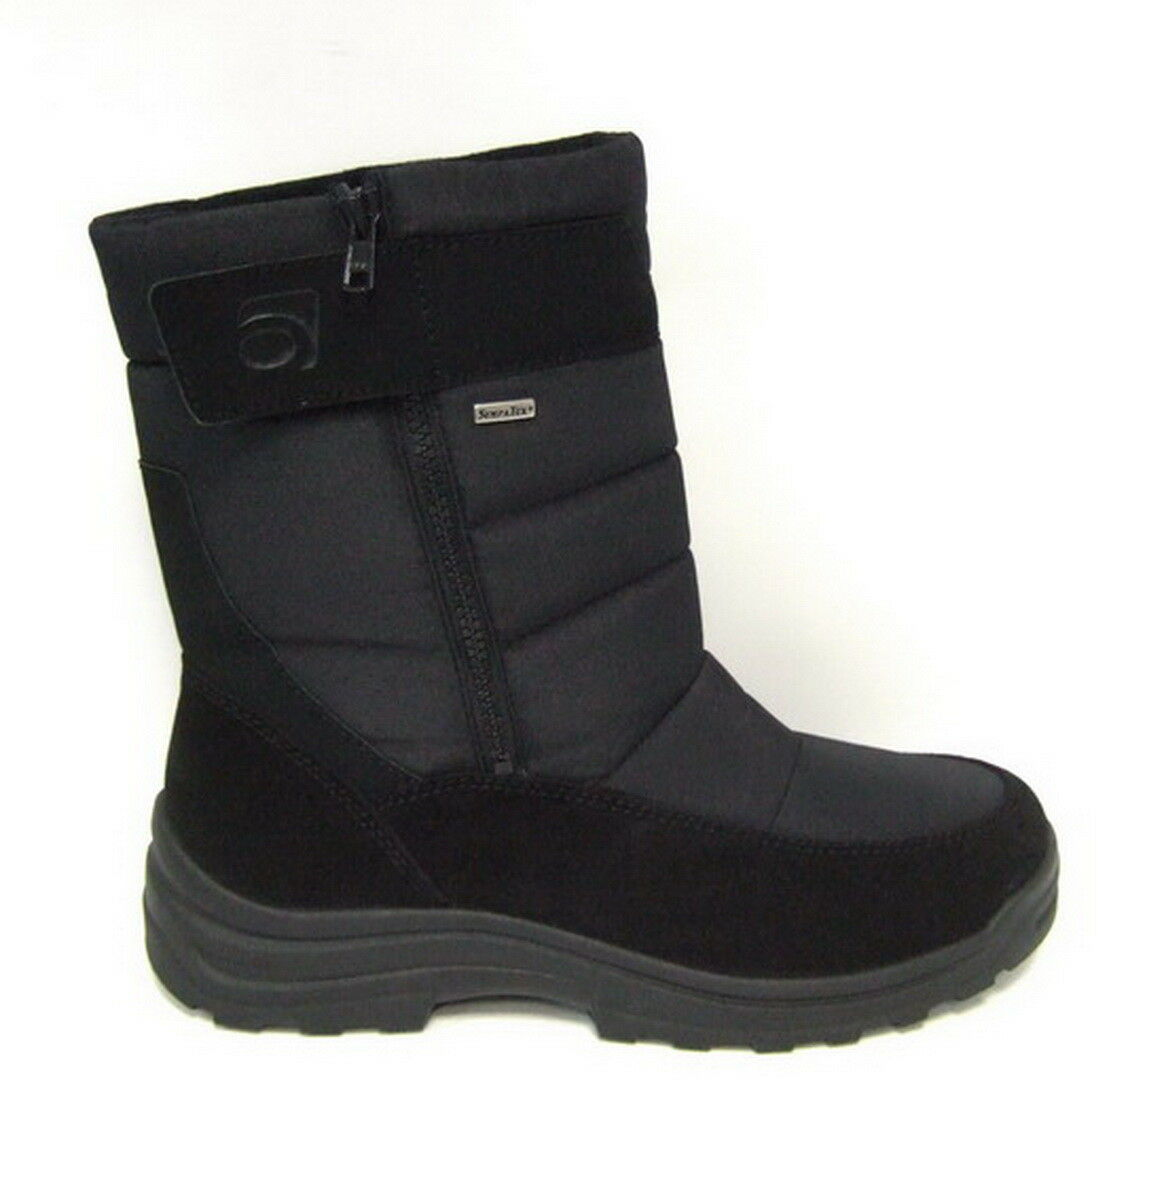 Rohde invierno cálido botas de nieve 2985 90 negro SympaTex impermeable